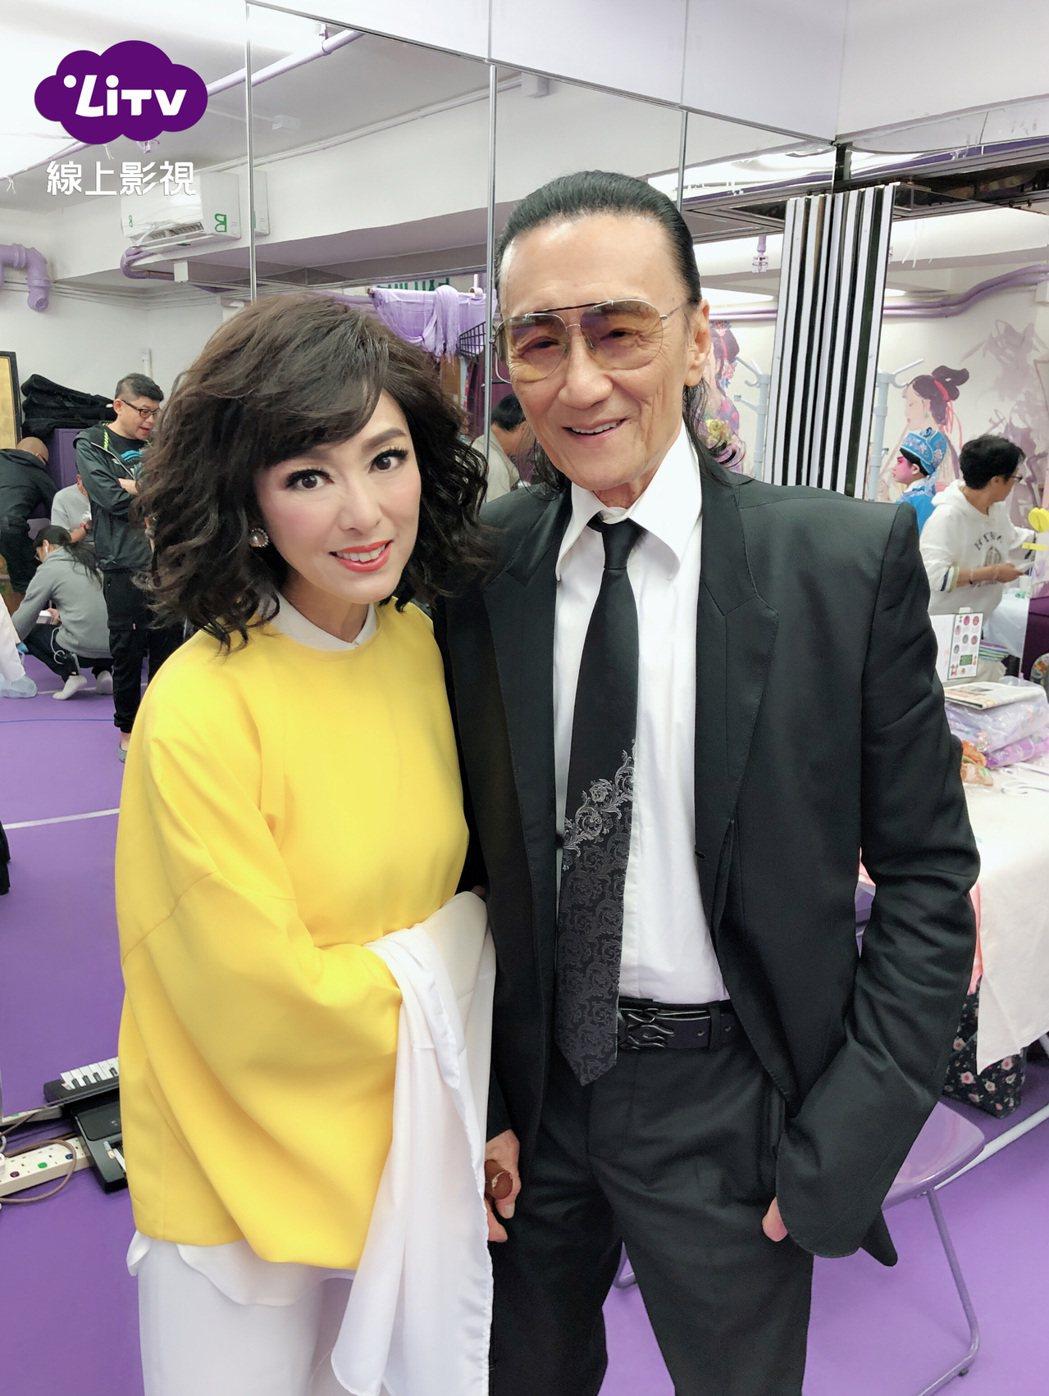 米雪(左)和謝賢合作拍戲。圖/LiTV線上影視提供